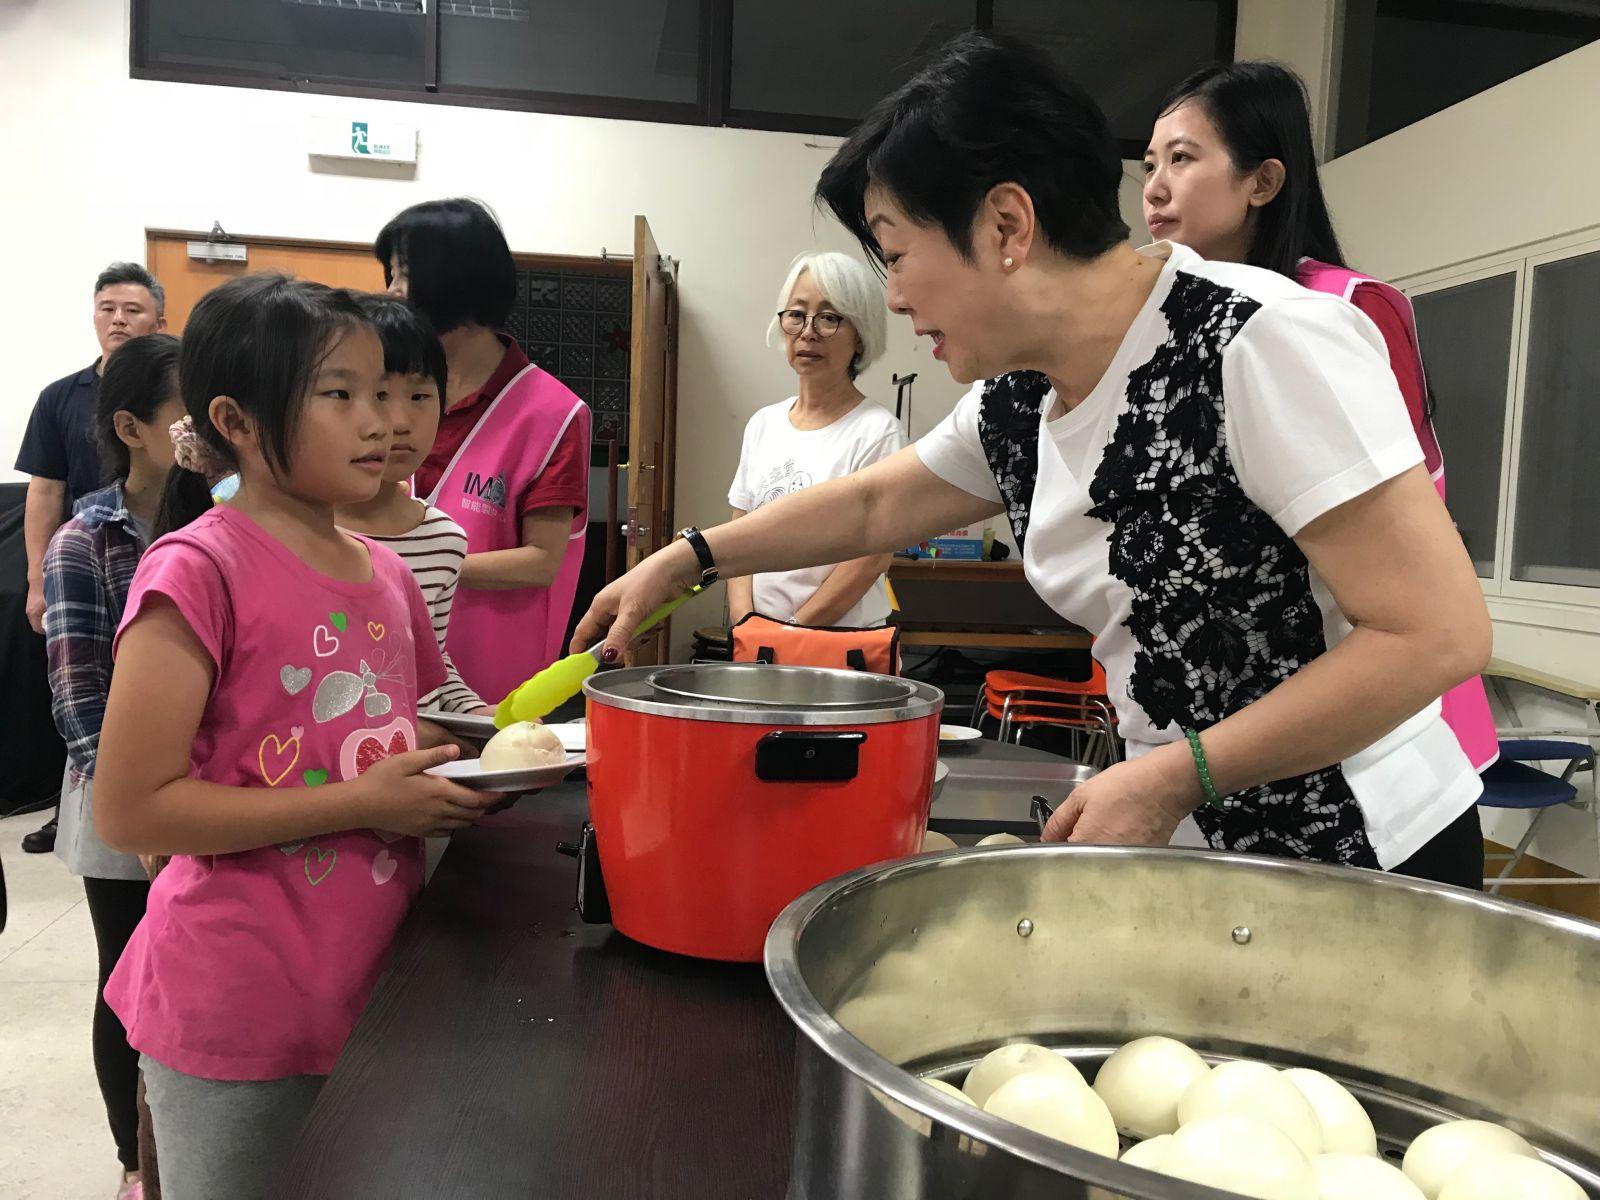 張淑芬擔心偏鄉孩子吃不飽,找來國內多家食品大廠一起合作「惜食」專案。